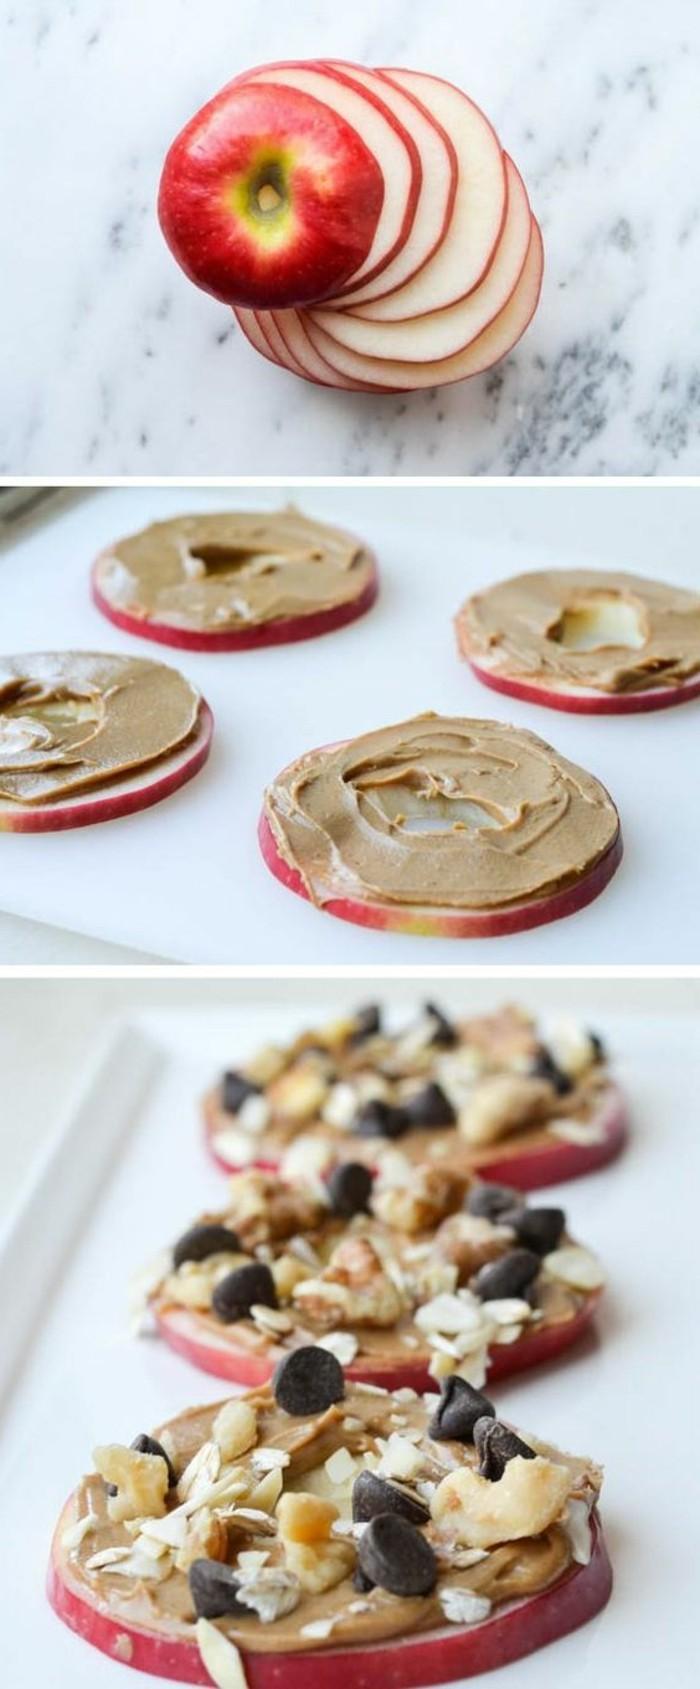 desser0diy-idee-recette-facile-moderne-repas-équilibré-pas-cher-petits-plats-en-equilibres